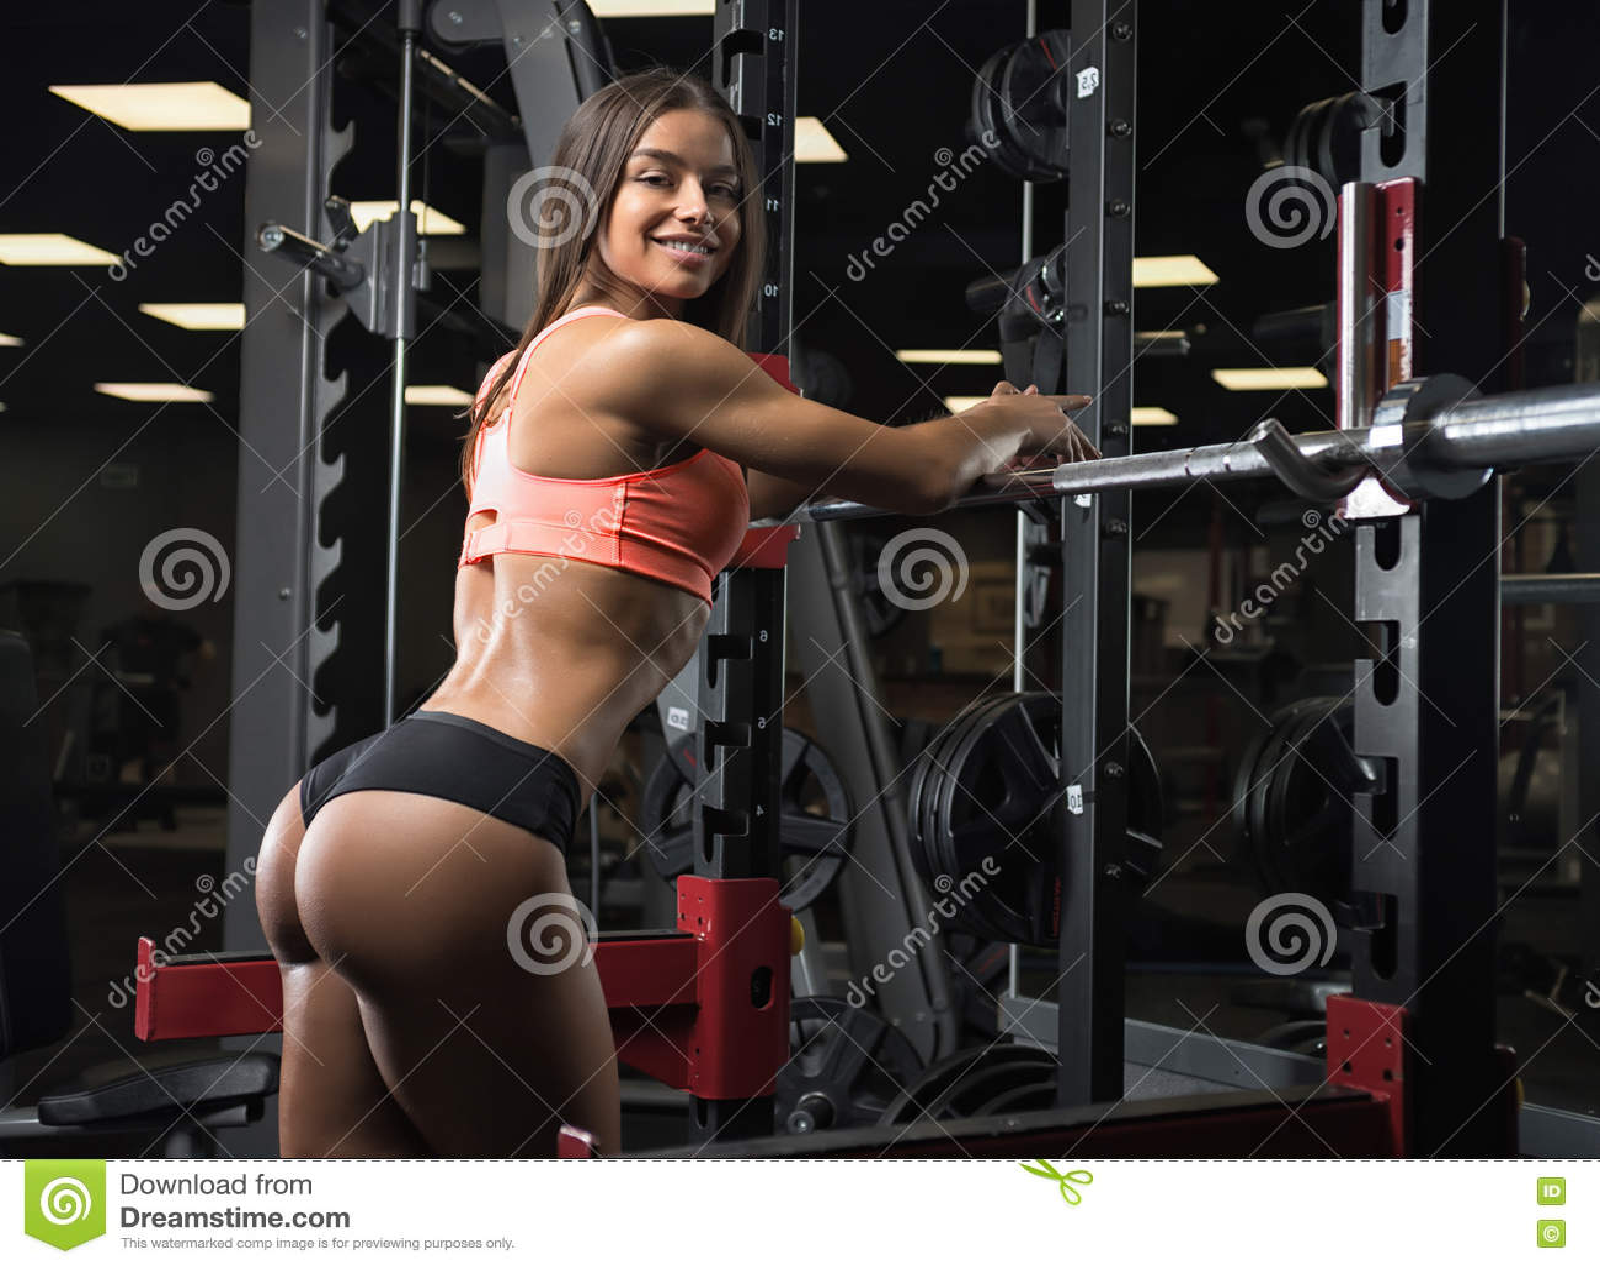 hottest gym girls